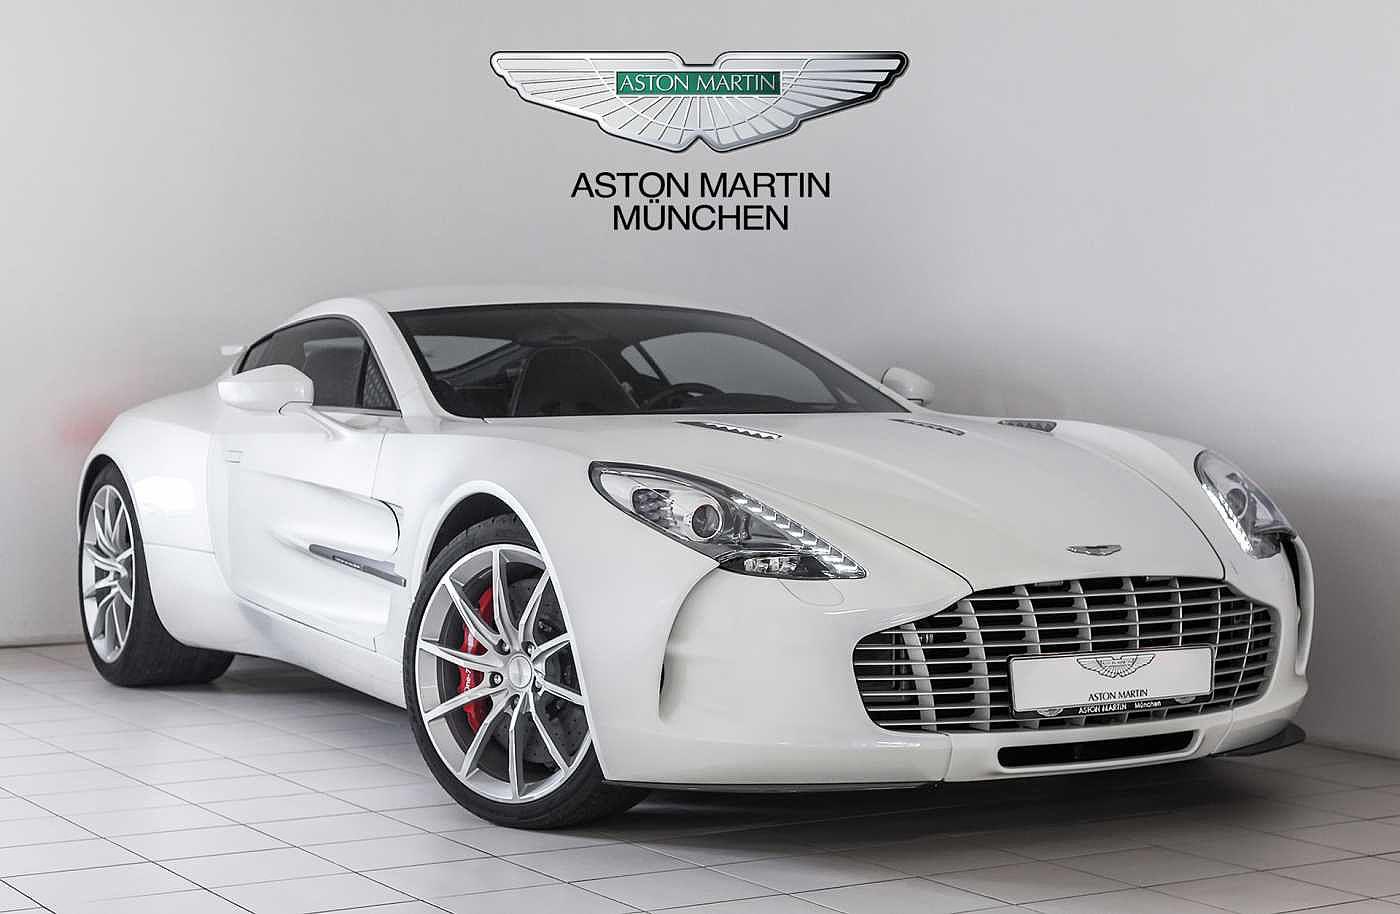 67 Of 77 Aston Martin One 77 For Sale In Munich At 3 3 Million Gtspirit